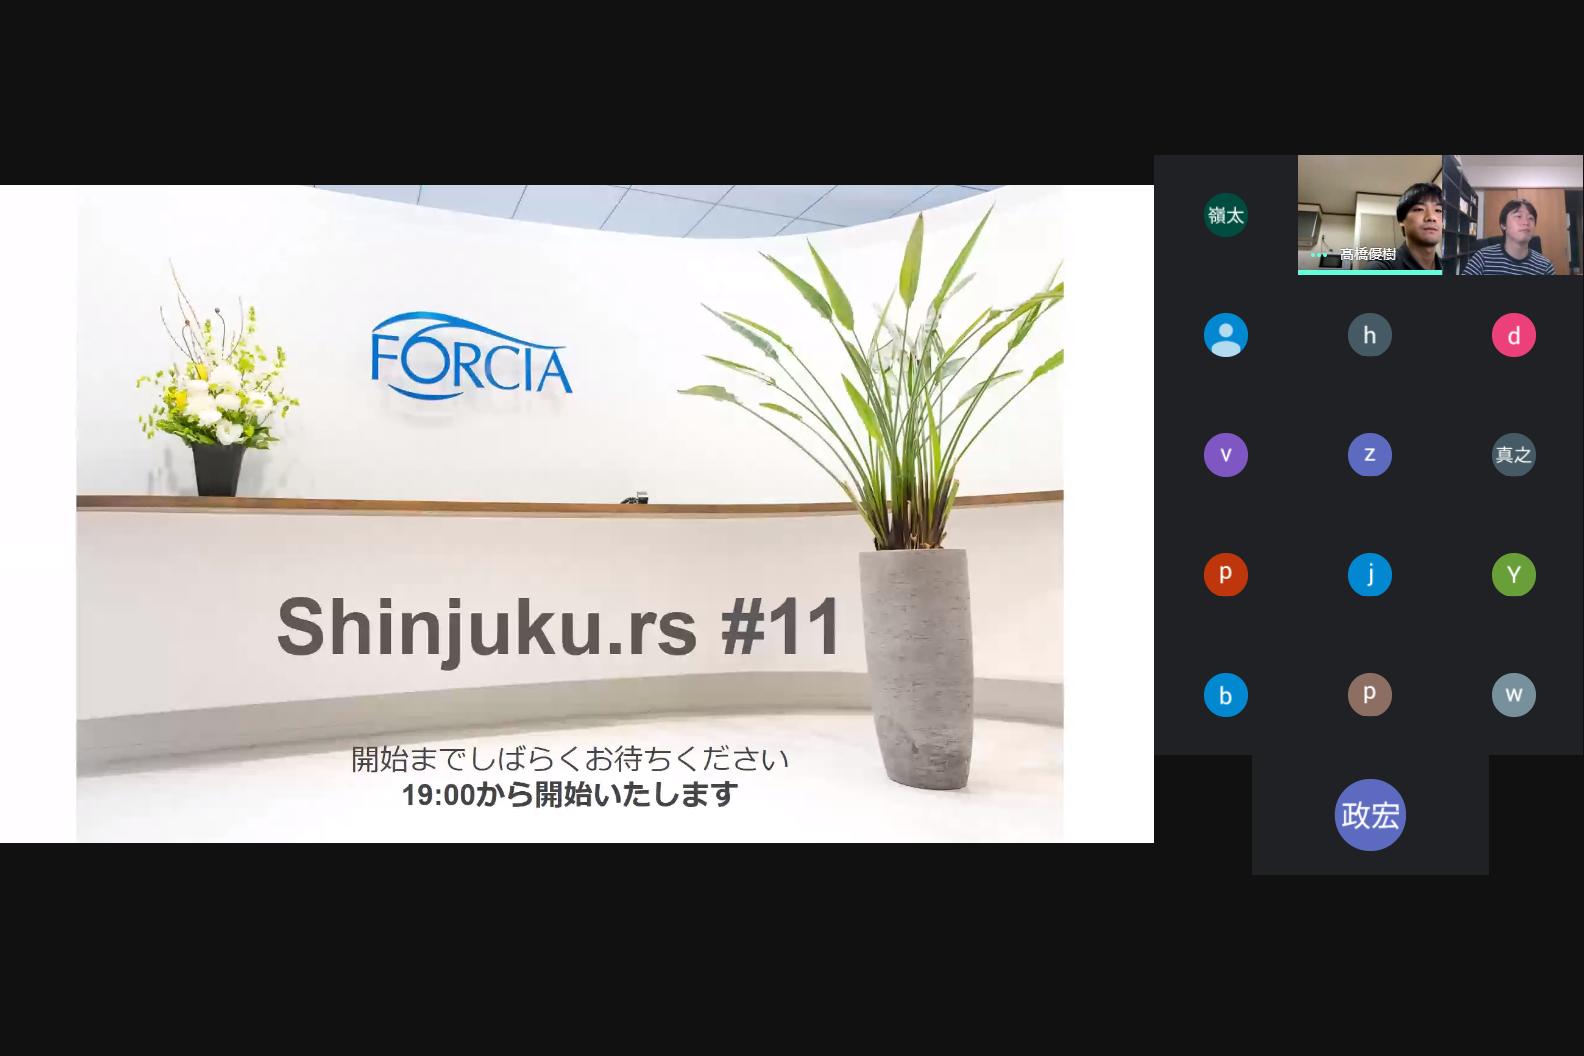 Shinjuku.rs #11を開催しました